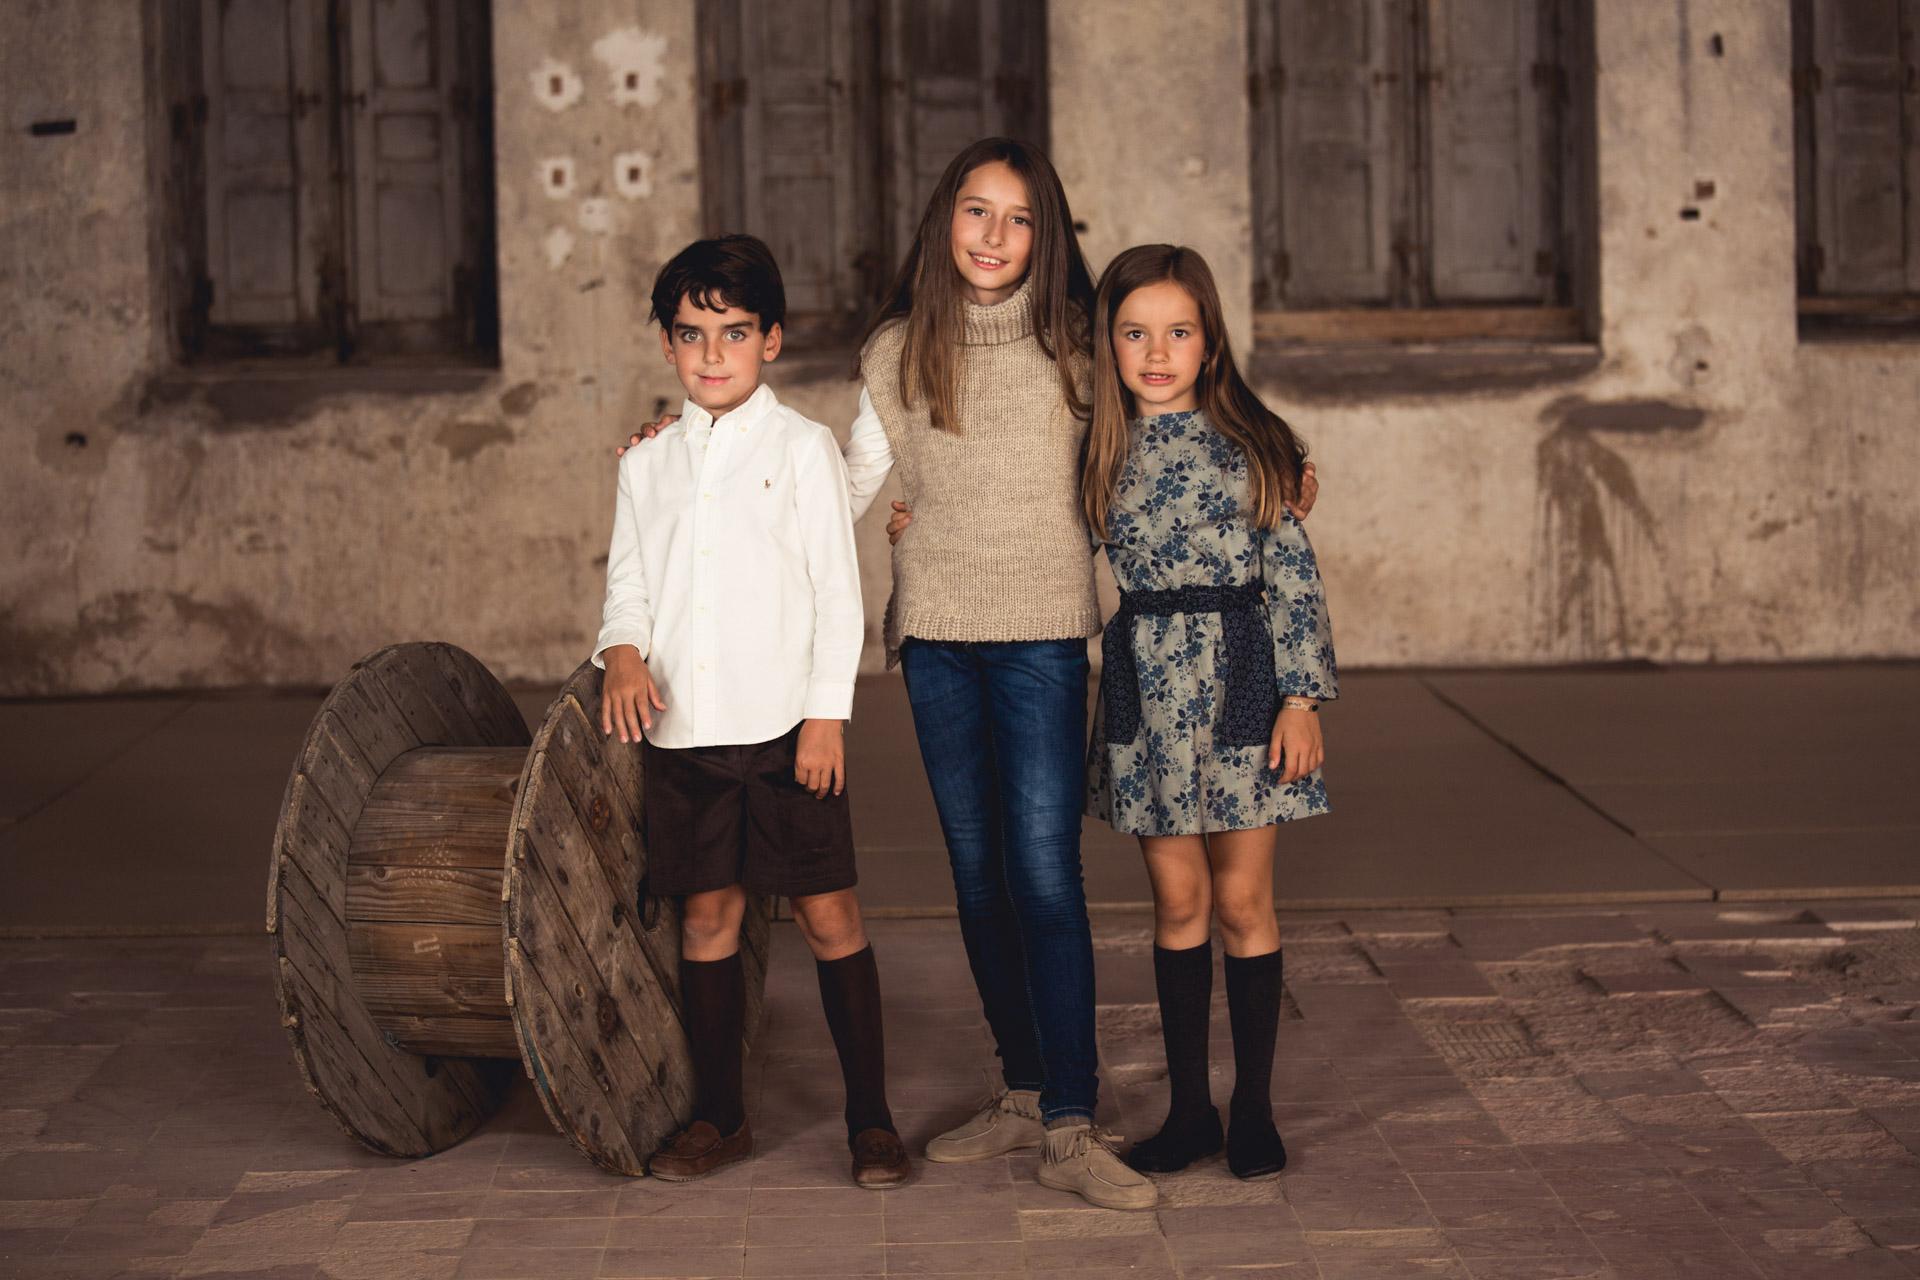 Nueva Colección calzado Otoño Invierno 2016 Pisamonas Niños calzado infantil niño y niña  de calidad